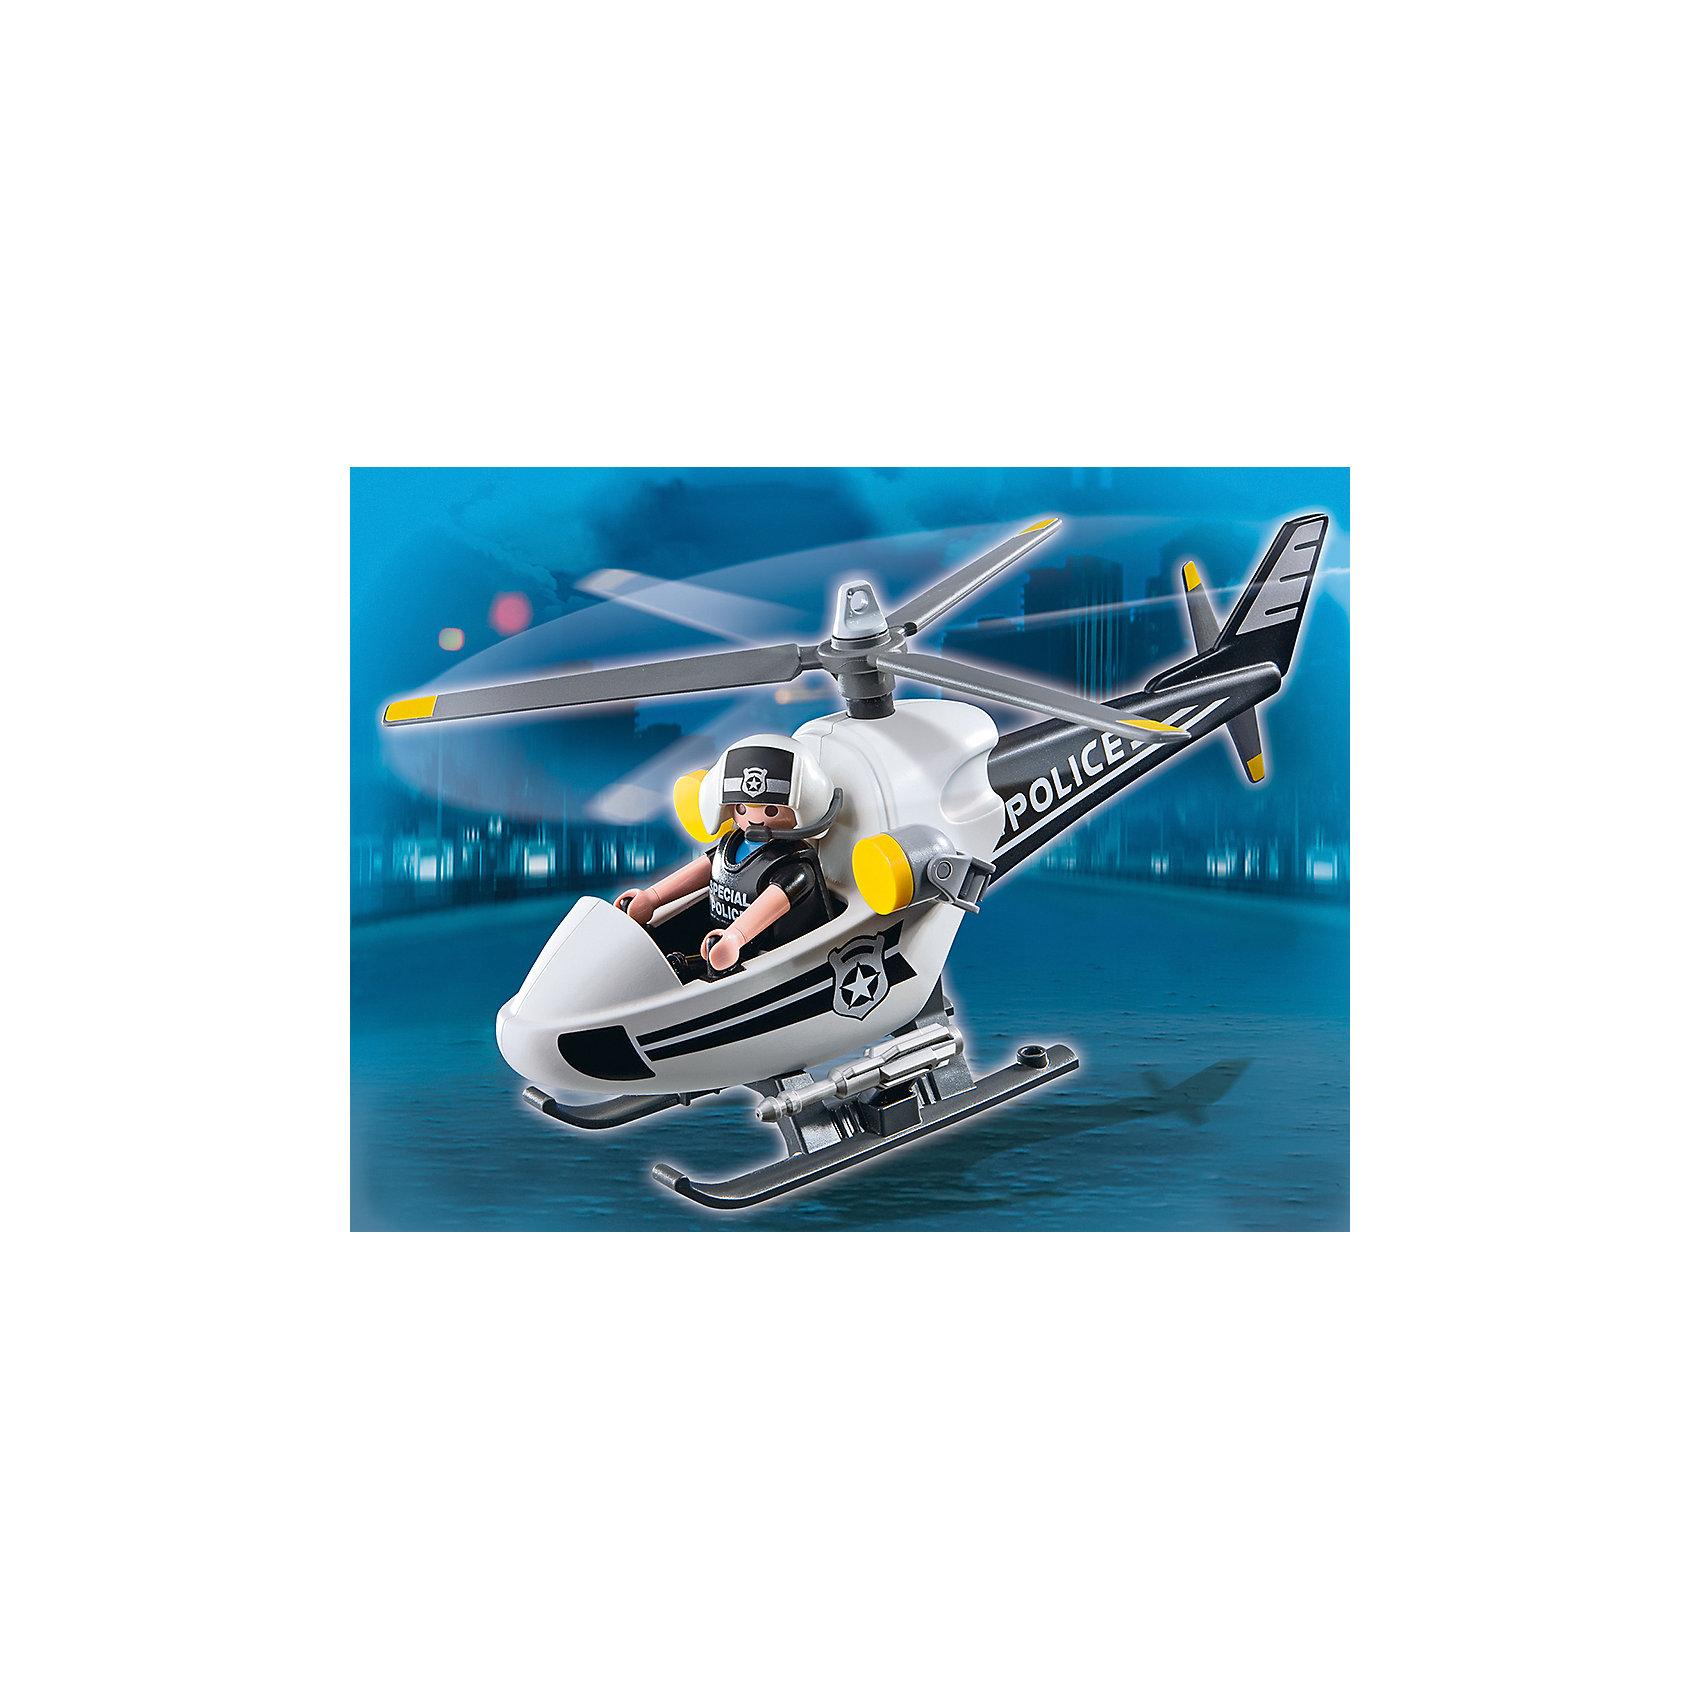 Полицейский вертолет, PLAYMOBILПластмассовые конструкторы<br>Работа полицейского одна из самых важных и опасных, которая требует больших сил и отваги. При помощи полицейского вертолёта преступник никогда от вас не скроется и вы обязательно его задержите. Компактный полицейский вертолет рассчитанный на одного пилота. У вертолета подвижные лопасти и фонари, также в наборе фигурка полицейского. Все детали прекрасно проработаны и выполнены из высококачественного экологичного пластика безопасного для детей. Играть с таким набором не только приятно и интересно - подобные виды игры развивают мелкую моторику, воображение, творческое мышление.<br><br>Дополнительная информация:<br><br>- 1 фигурка в наборе.<br>- Комплектация: вертолет, фигурка.<br>- Материал: пластик.<br>- Размер упаковки: 19х19х7,6 см.<br>- Высота фигурки: 7,5 см.<br>- Голова, руки, ноги у фигурок подвижные.<br>- Вертолет с подвижными лопастями.<br><br>Набор Меблированный торговый центр, PLAYMOBIL (Плеймобил), можно купить в нашем магазине.<br><br>Ширина мм: 195<br>Глубина мм: 193<br>Высота мм: 76<br>Вес г: 196<br>Возраст от месяцев: 48<br>Возраст до месяцев: 120<br>Пол: Мужской<br>Возраст: Детский<br>SKU: 3786344